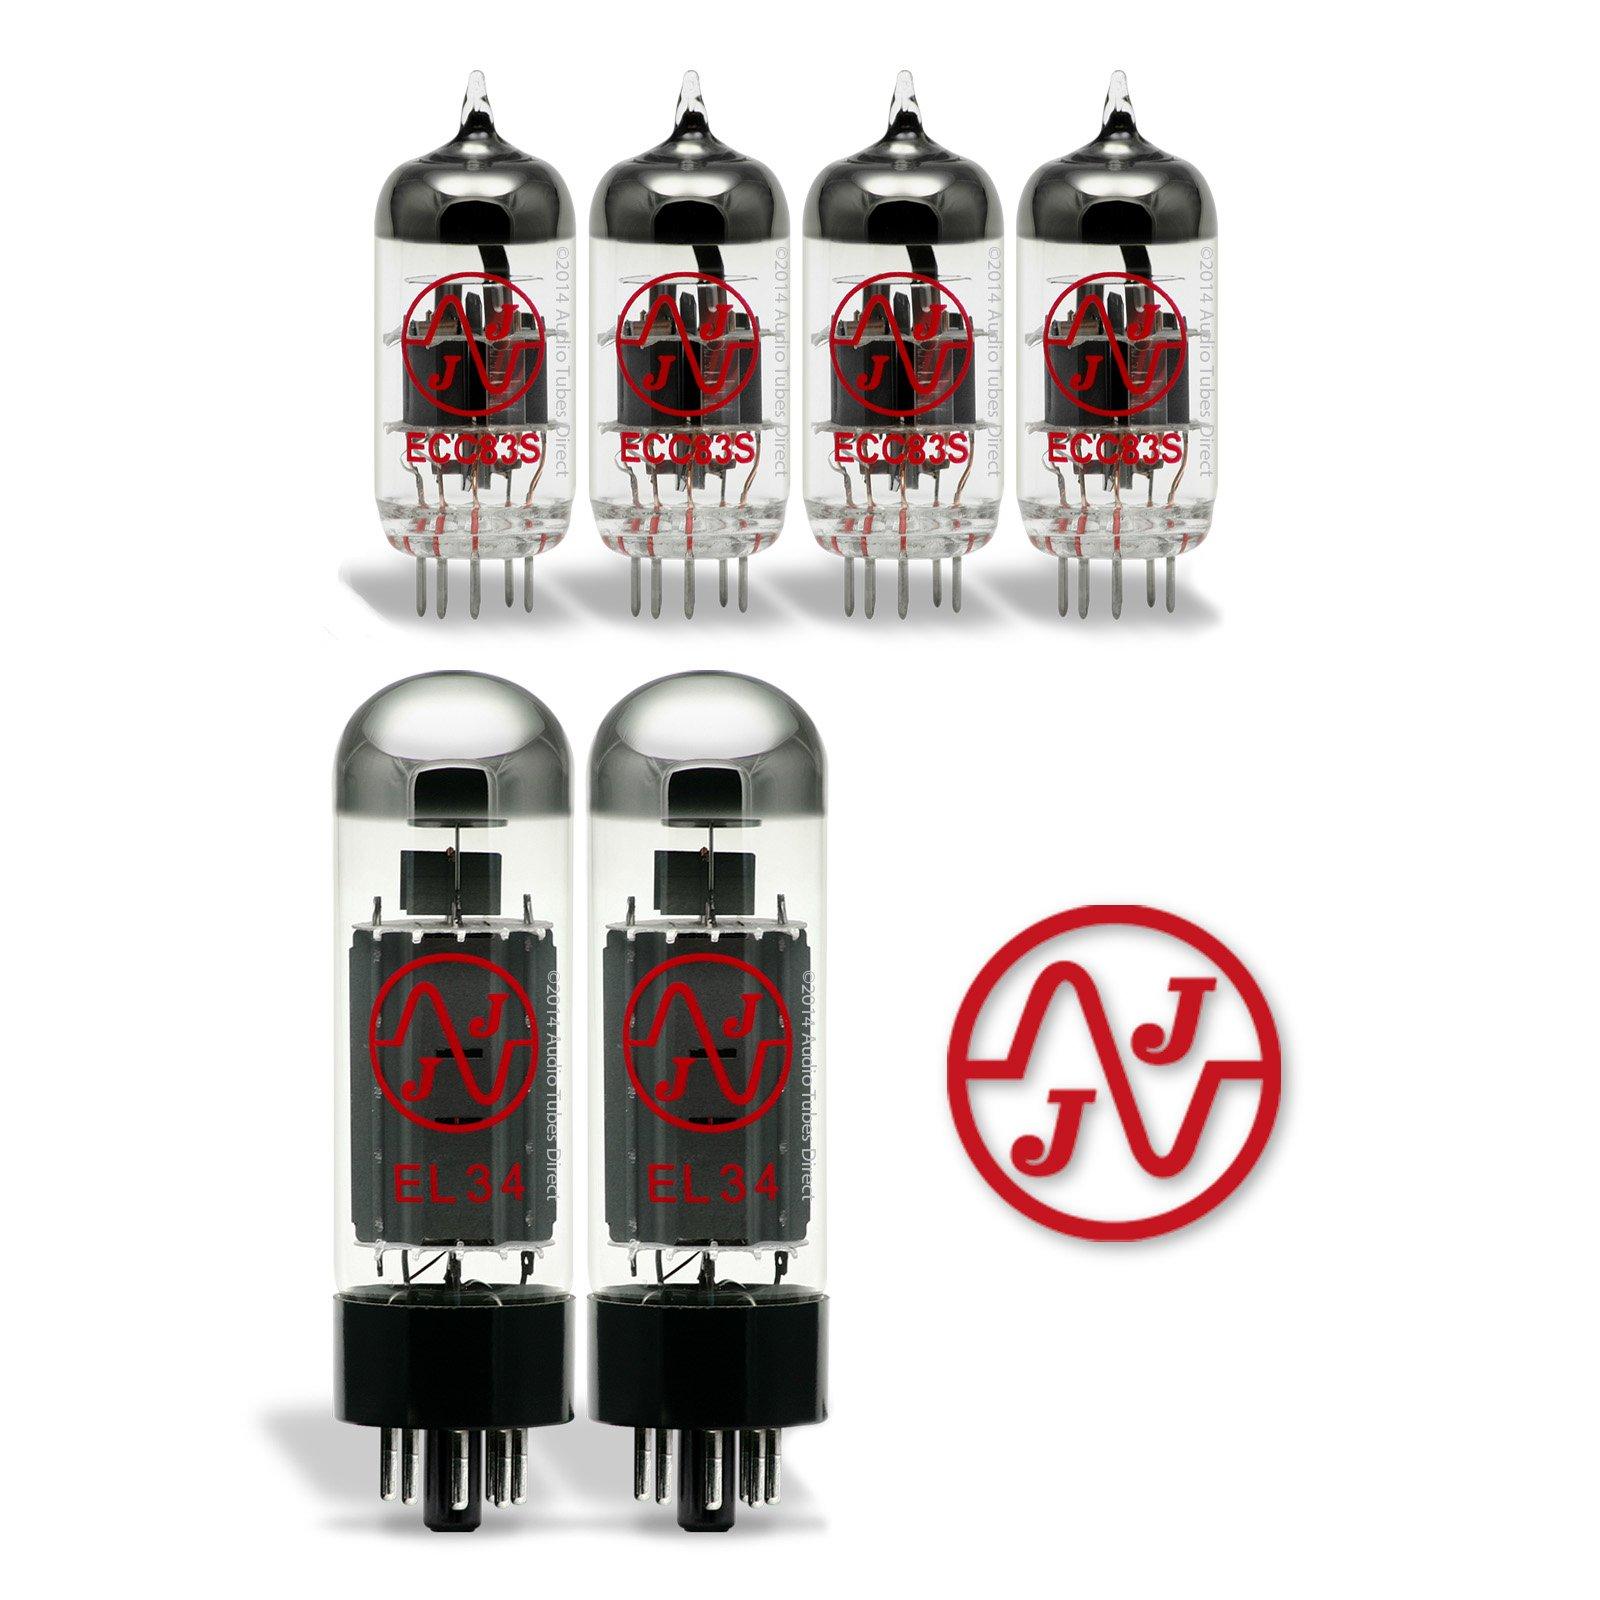 JJ Tube Upgrade Kit For Marshall JCM 2000 DSL 50 DSL 40C Amps EL34/ECC83S